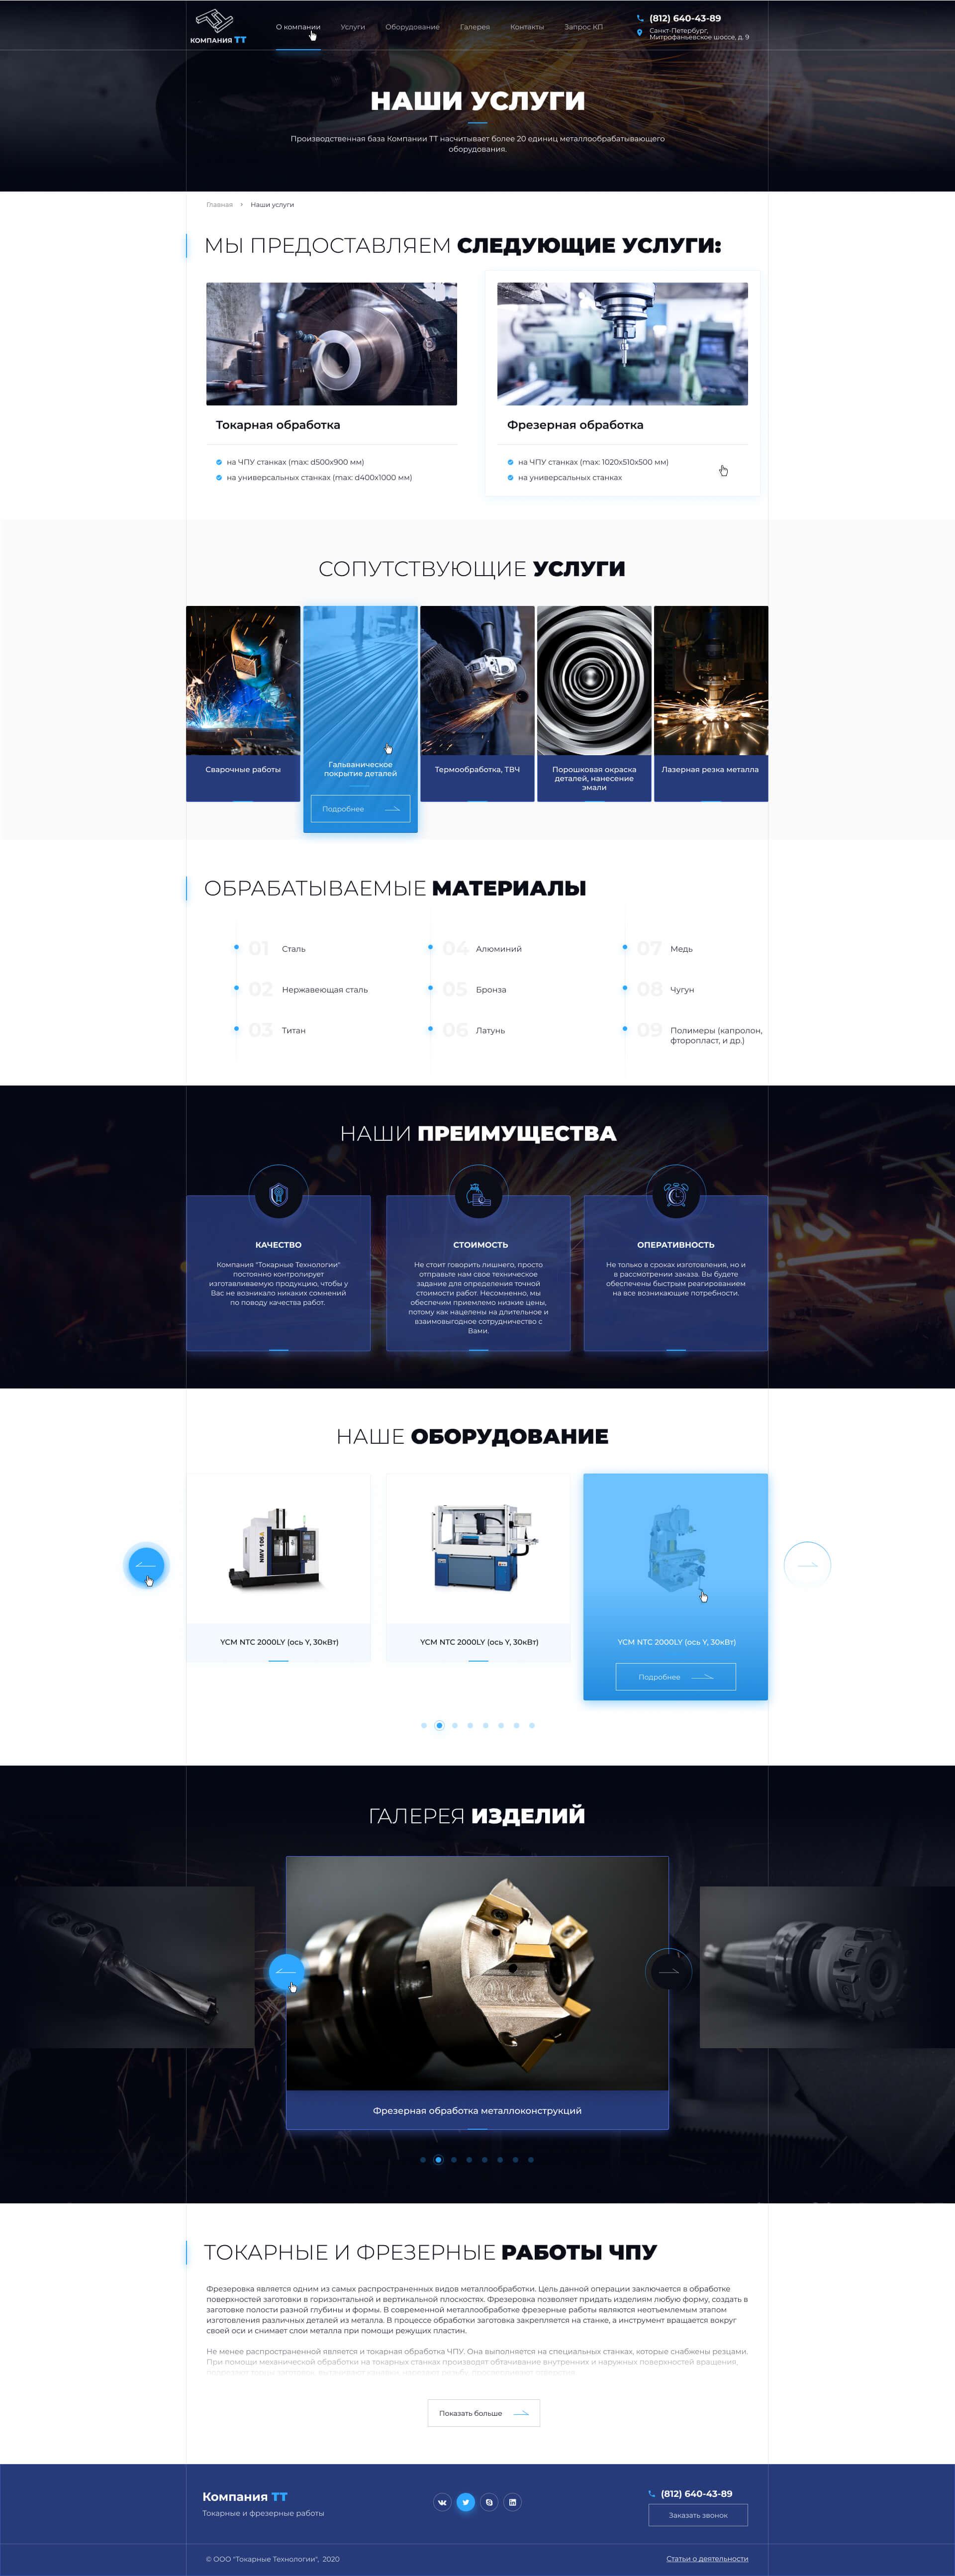 03_TokarnyyeTekhnologii_Uslugi_0.1